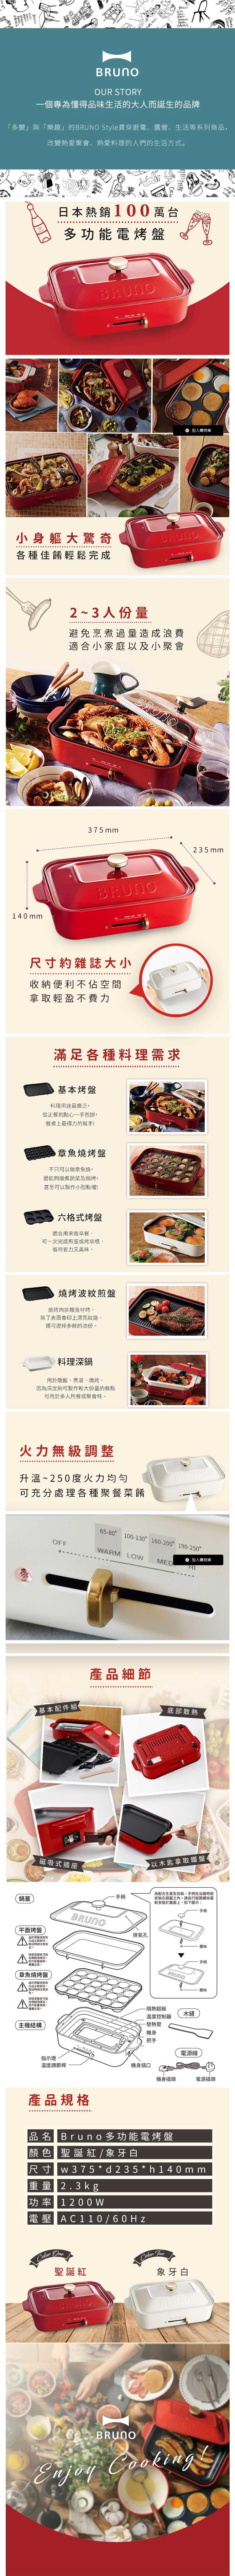 特賣【日本 BRUNO】多功能電烤盤 紅色 BOE021 (內附平面烤盤/章魚燒烤盤)